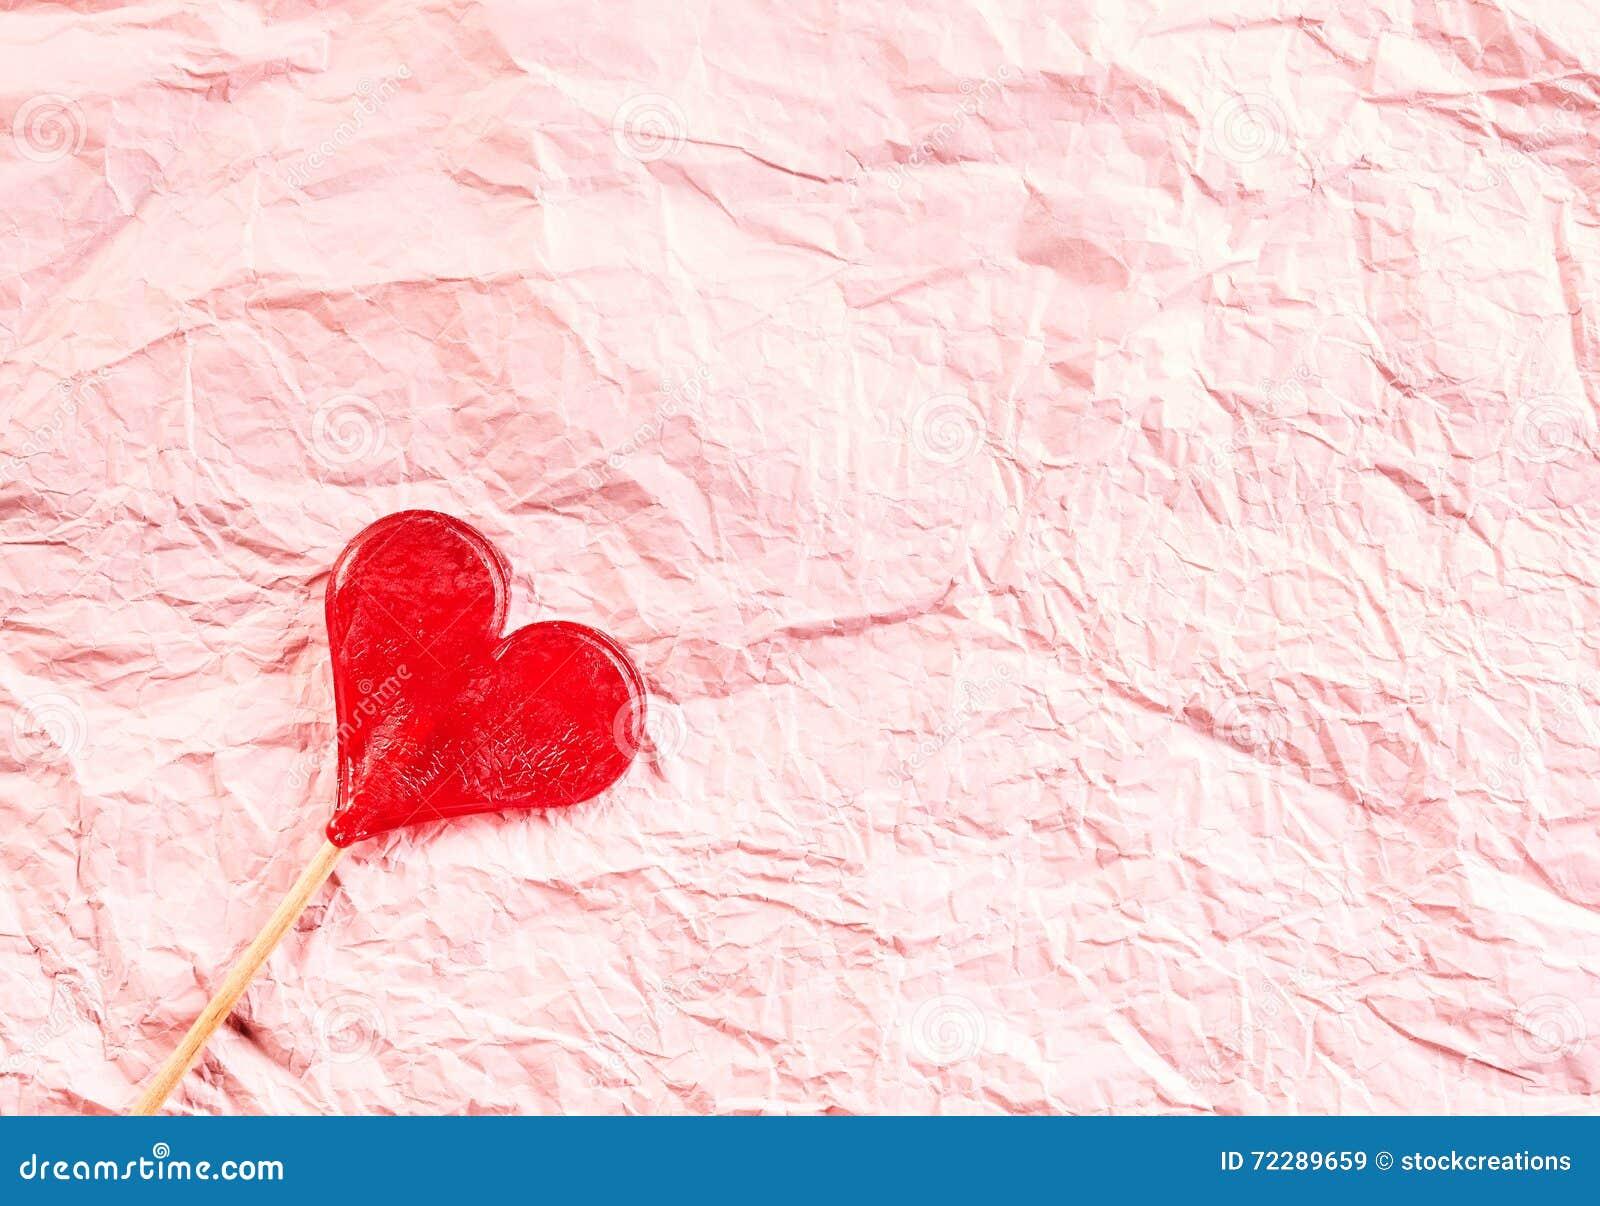 Download Текстурированная розовая Crinkled бумажная предпосылка валентинок Стоковое Изображение - изображение насчитывающей надземно, вниз: 72289659